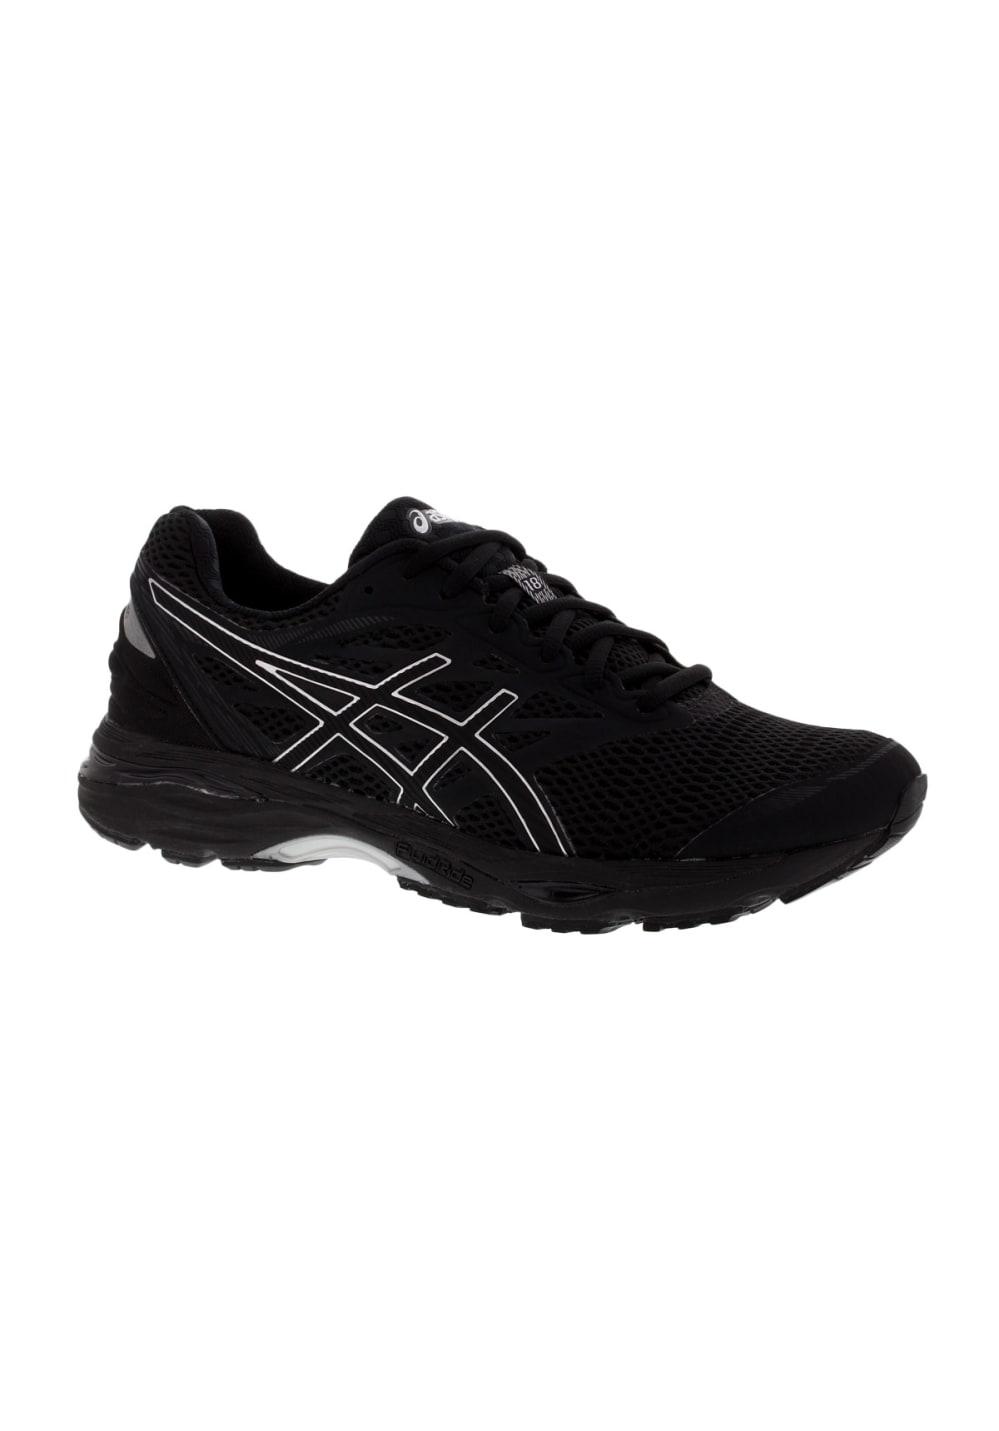 Noir Chaussures Cumulus Asics 18 Femme Gel Running Pour AL4R3j5